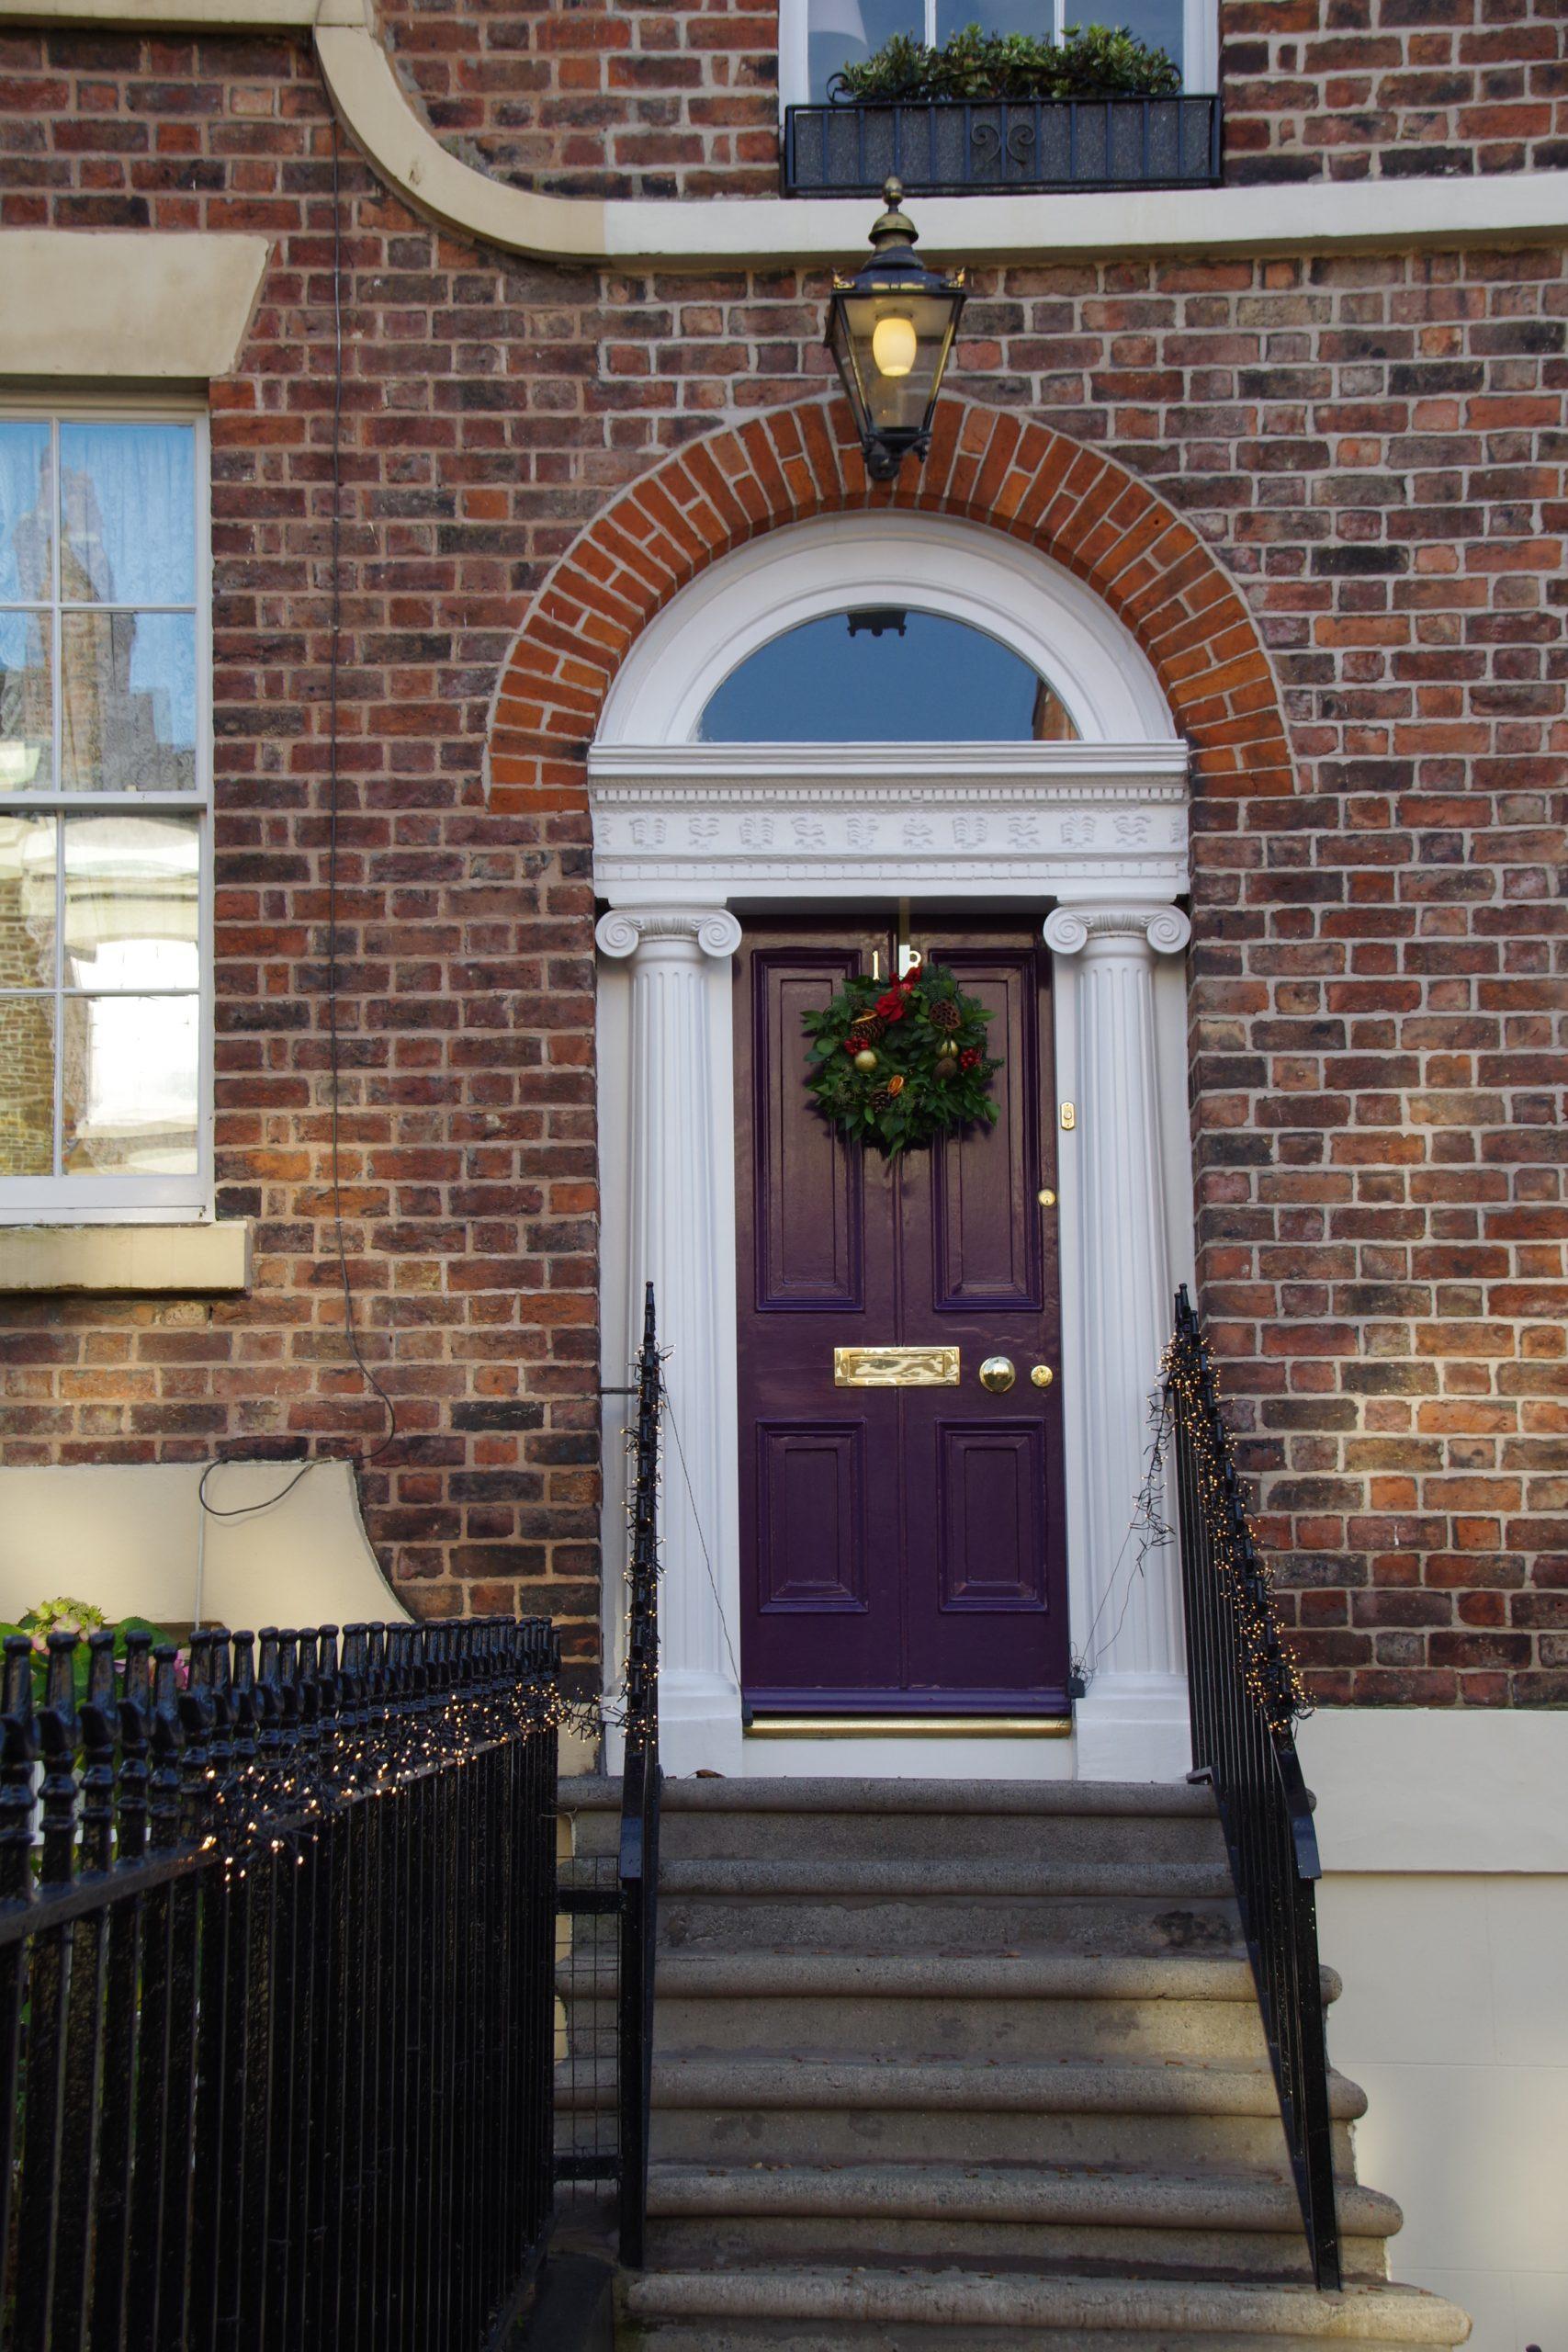 The Christmas doorway